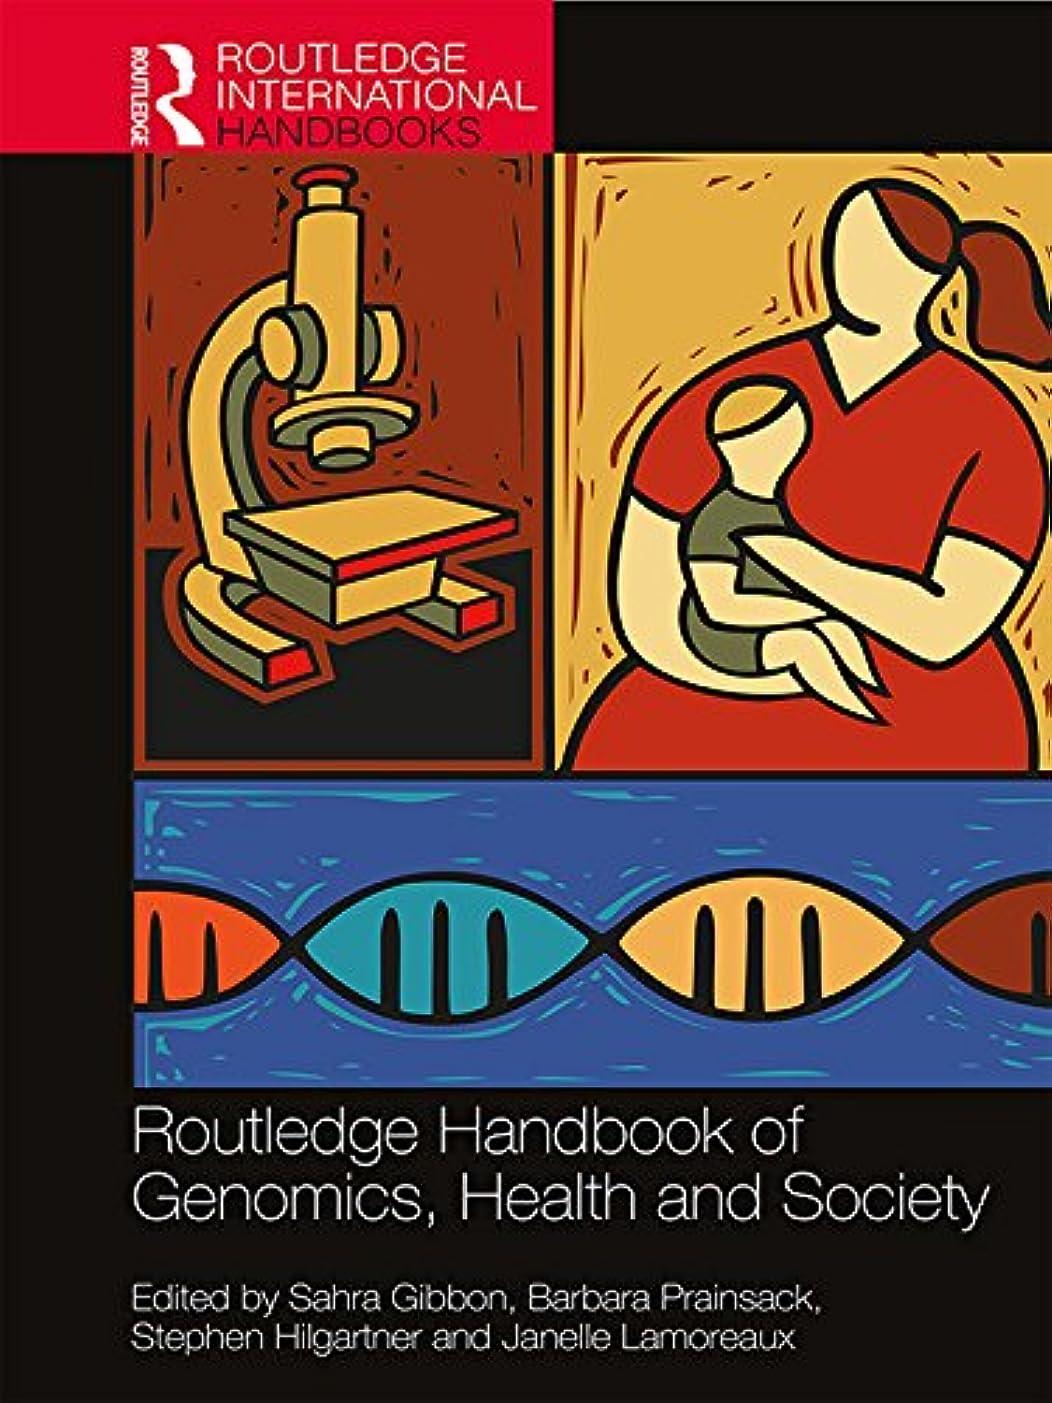 法王キャリッジ男やもめRoutledge Handbook of Genomics, Health and Society (Routledge International Handbooks) (English Edition)